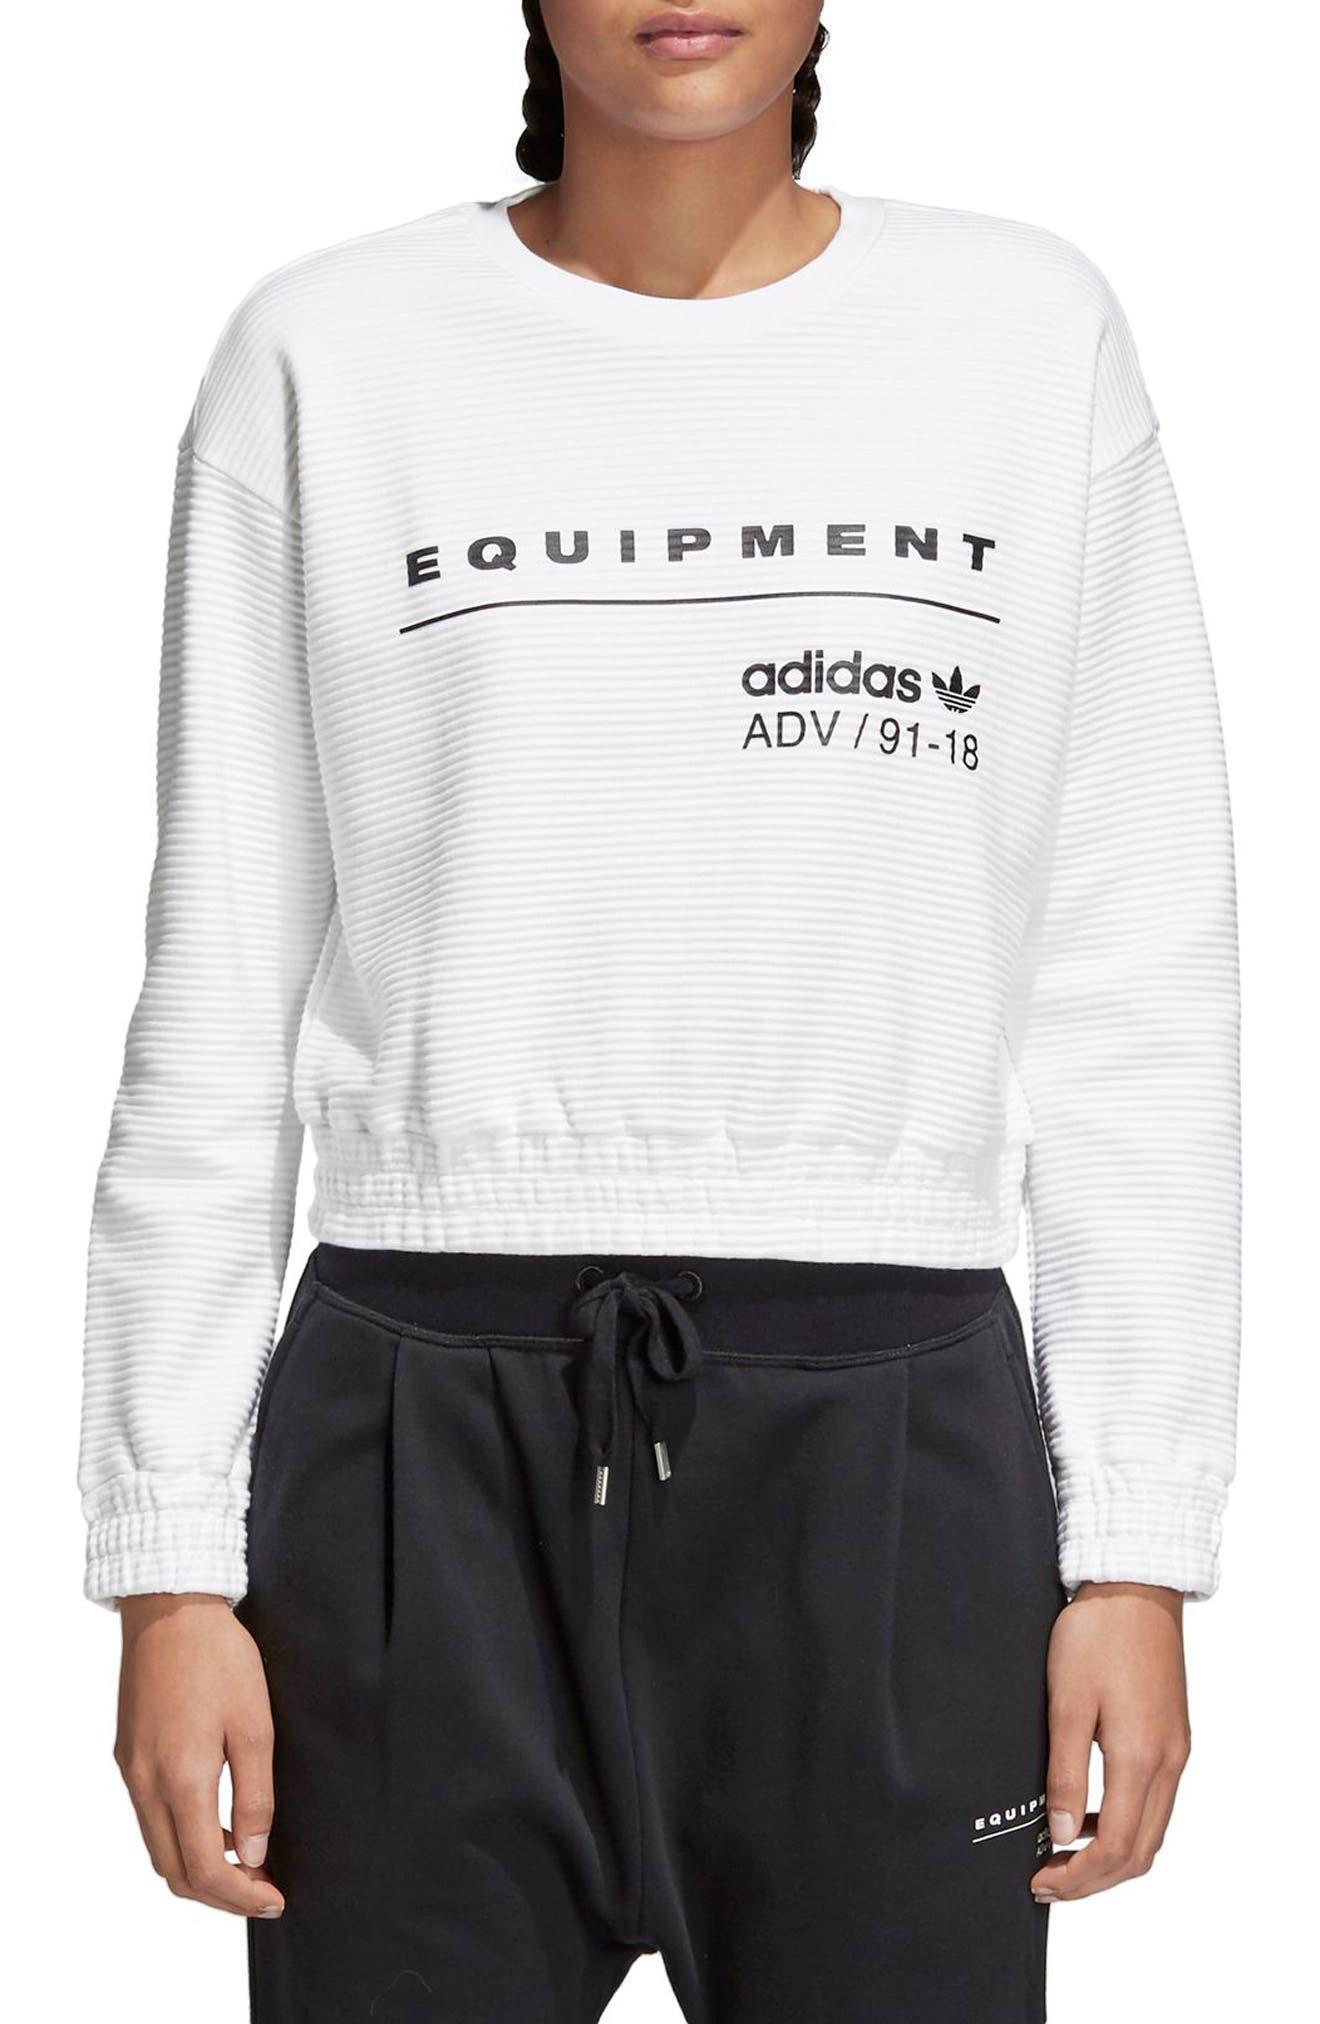 EQT Sweatshirt,                         Main,                         color, 100